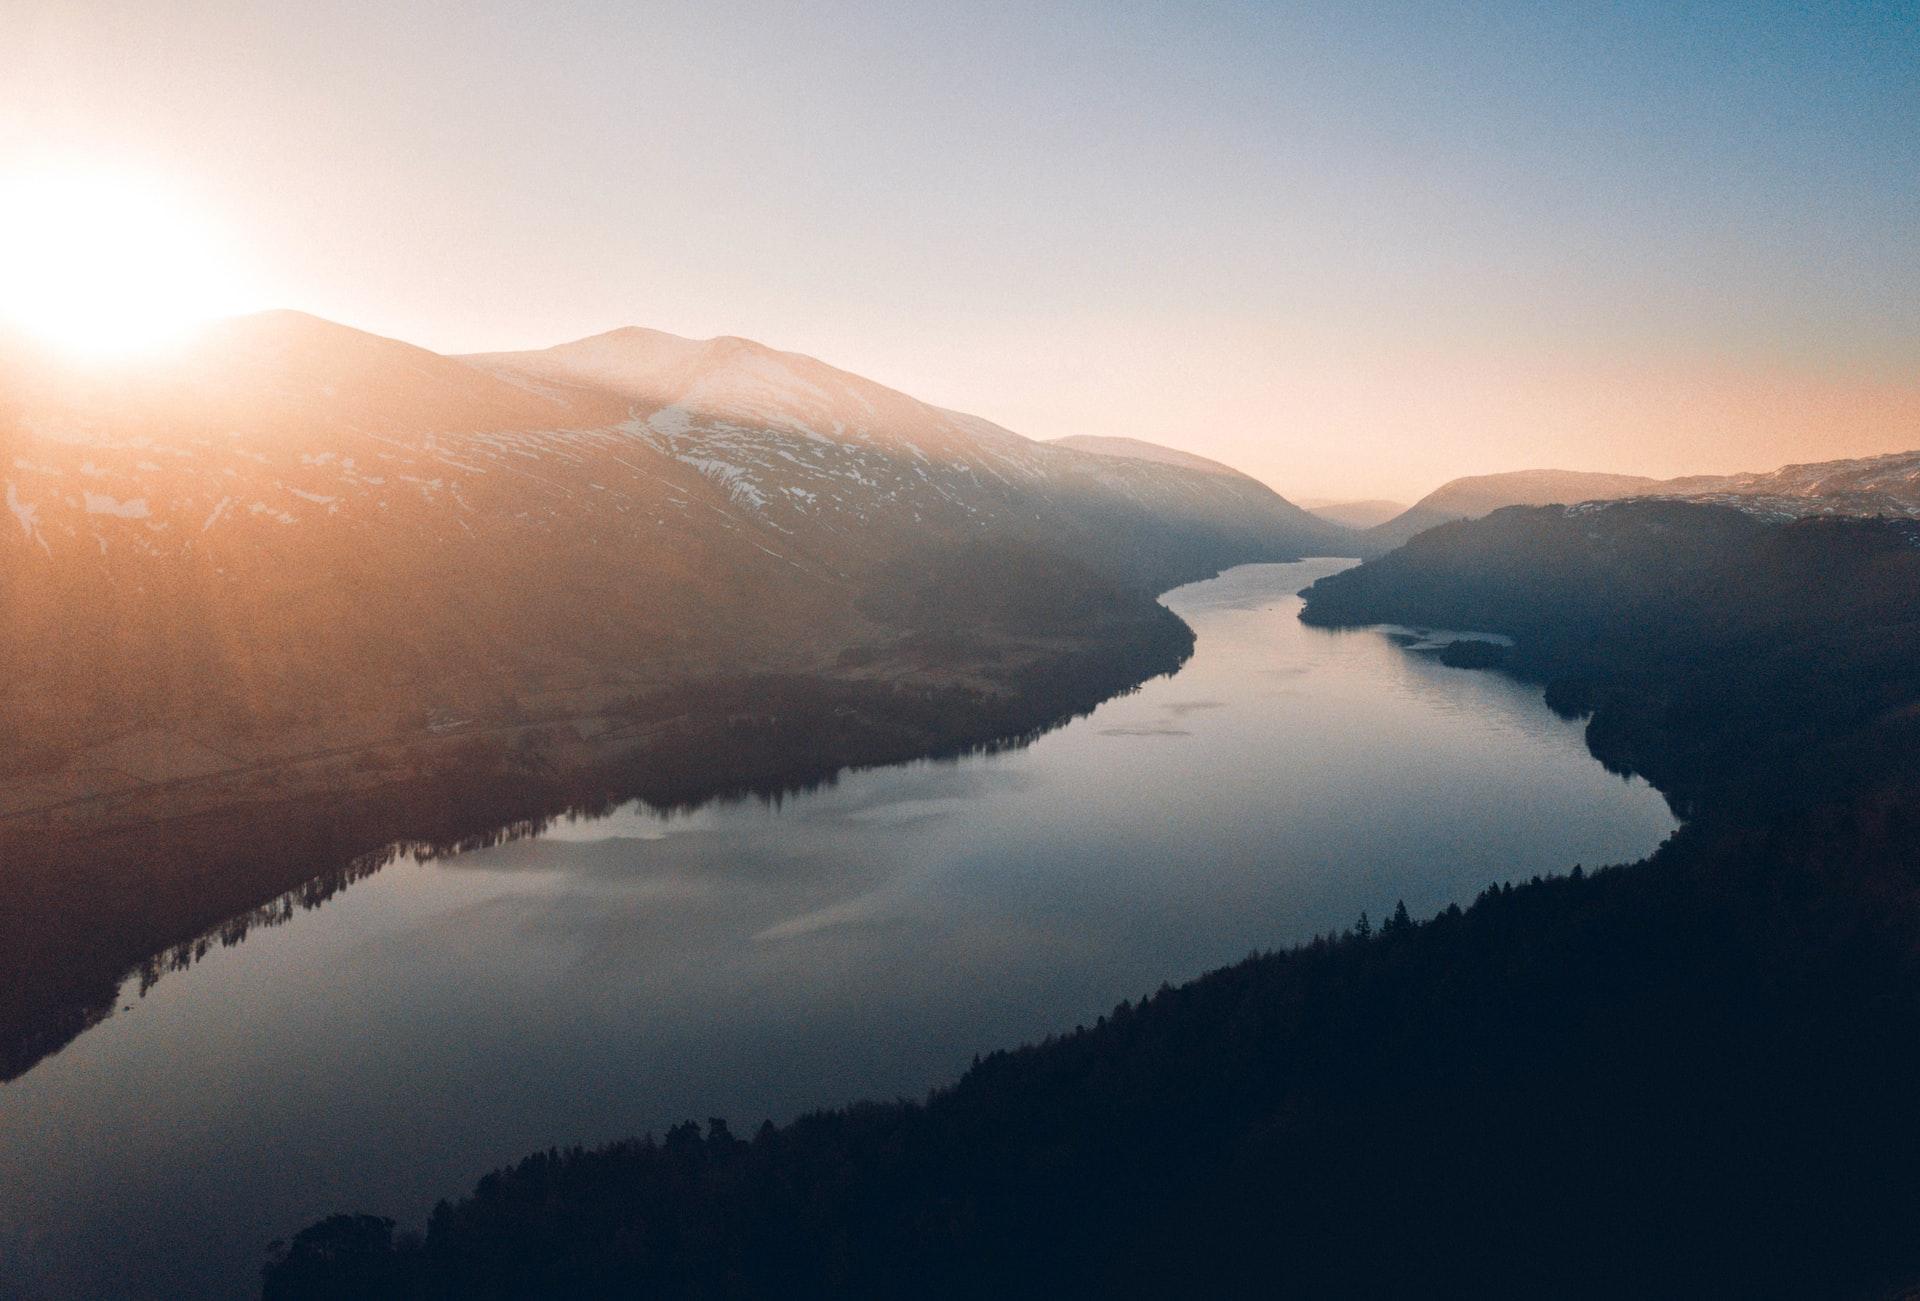 Photographie d'un fleuve